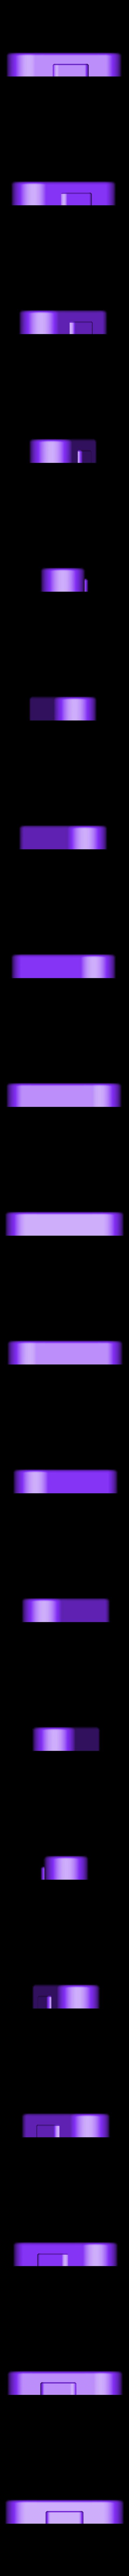 boitier camera.stl Download free STL file pi zero w camera • 3D printing object, cyrilniort